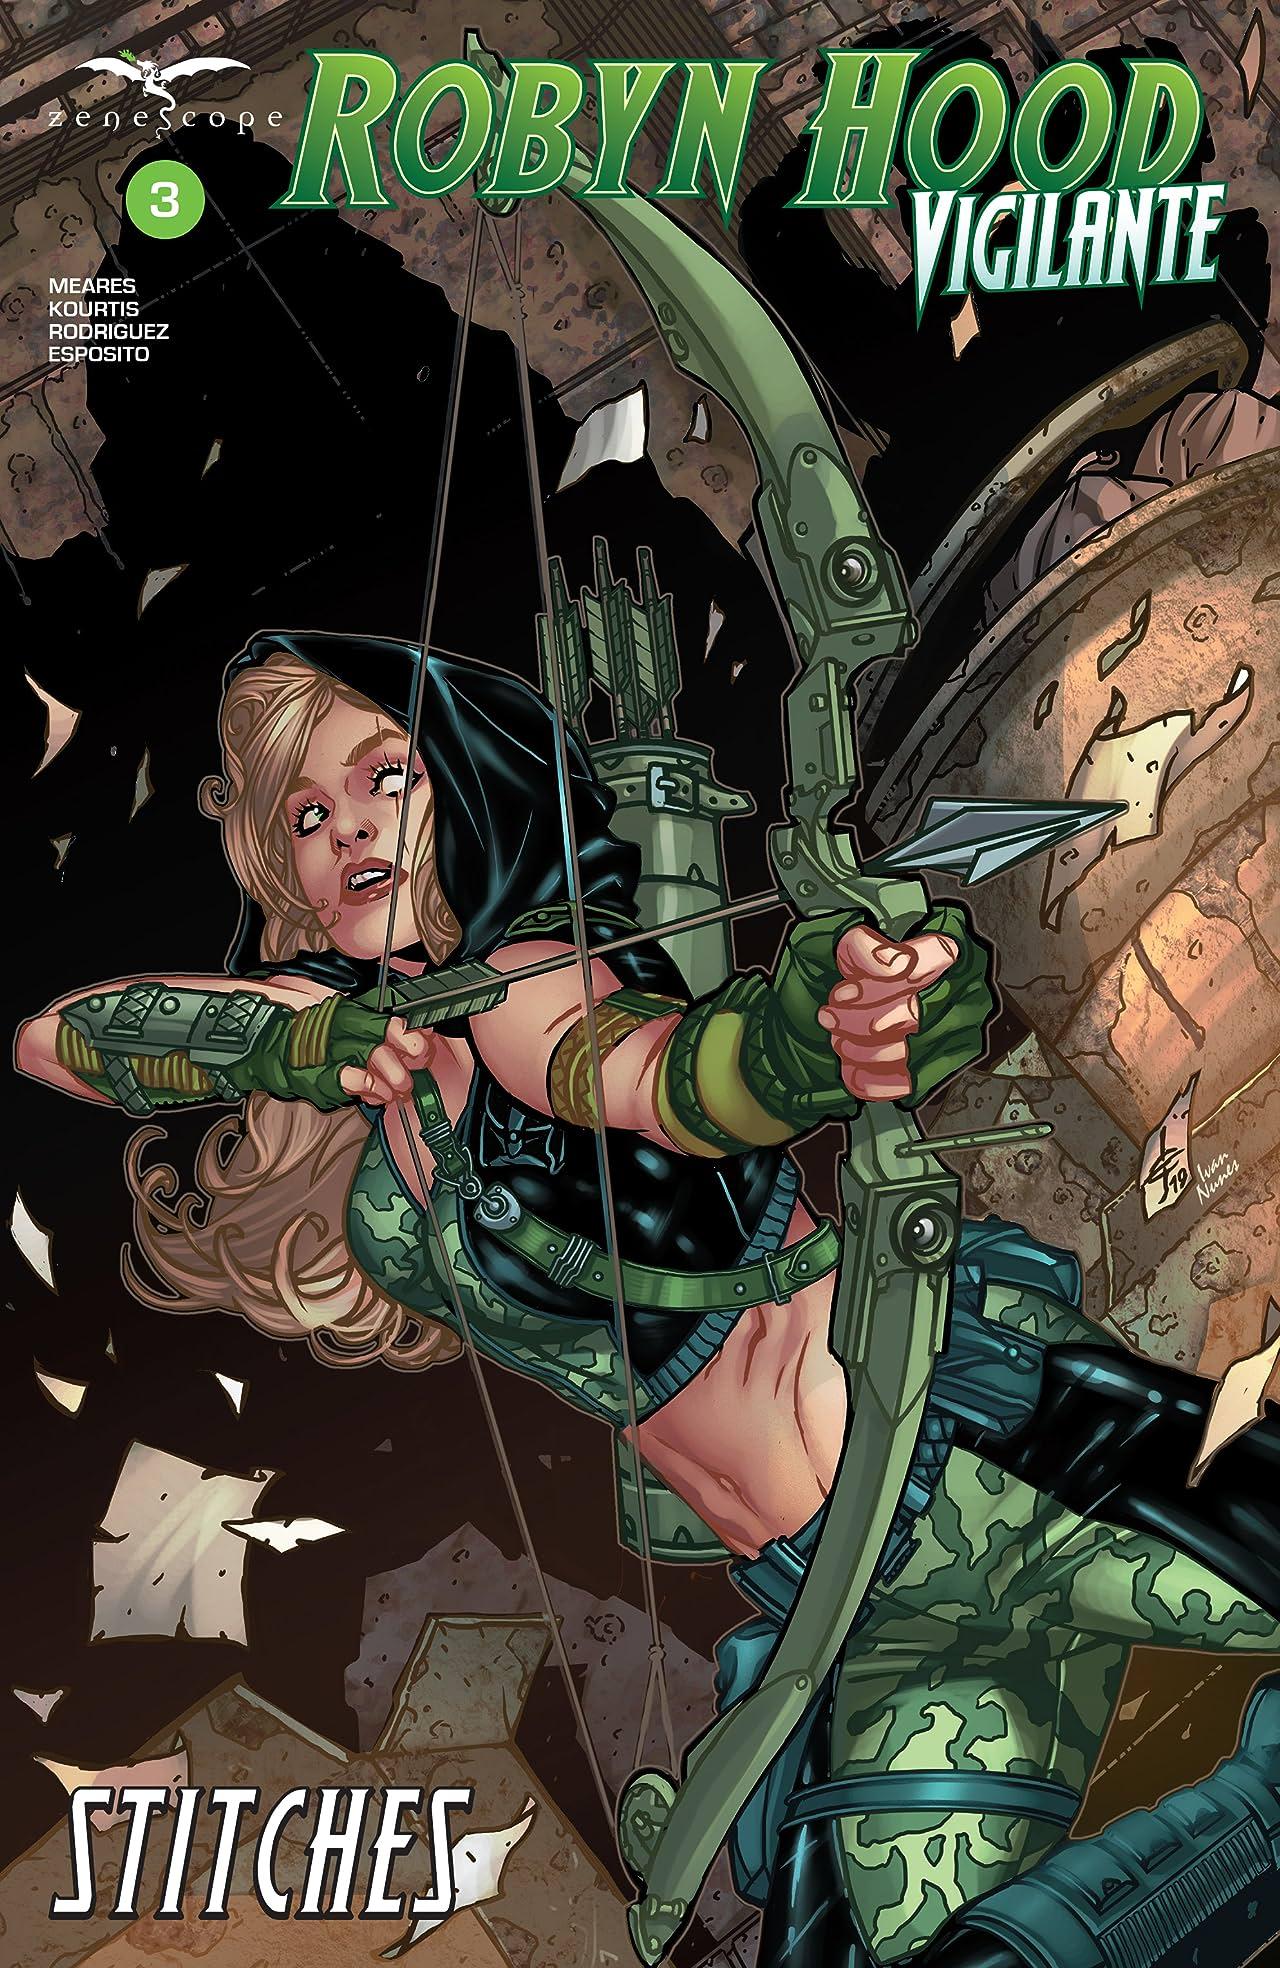 Robyn Hood #3: Vigilante